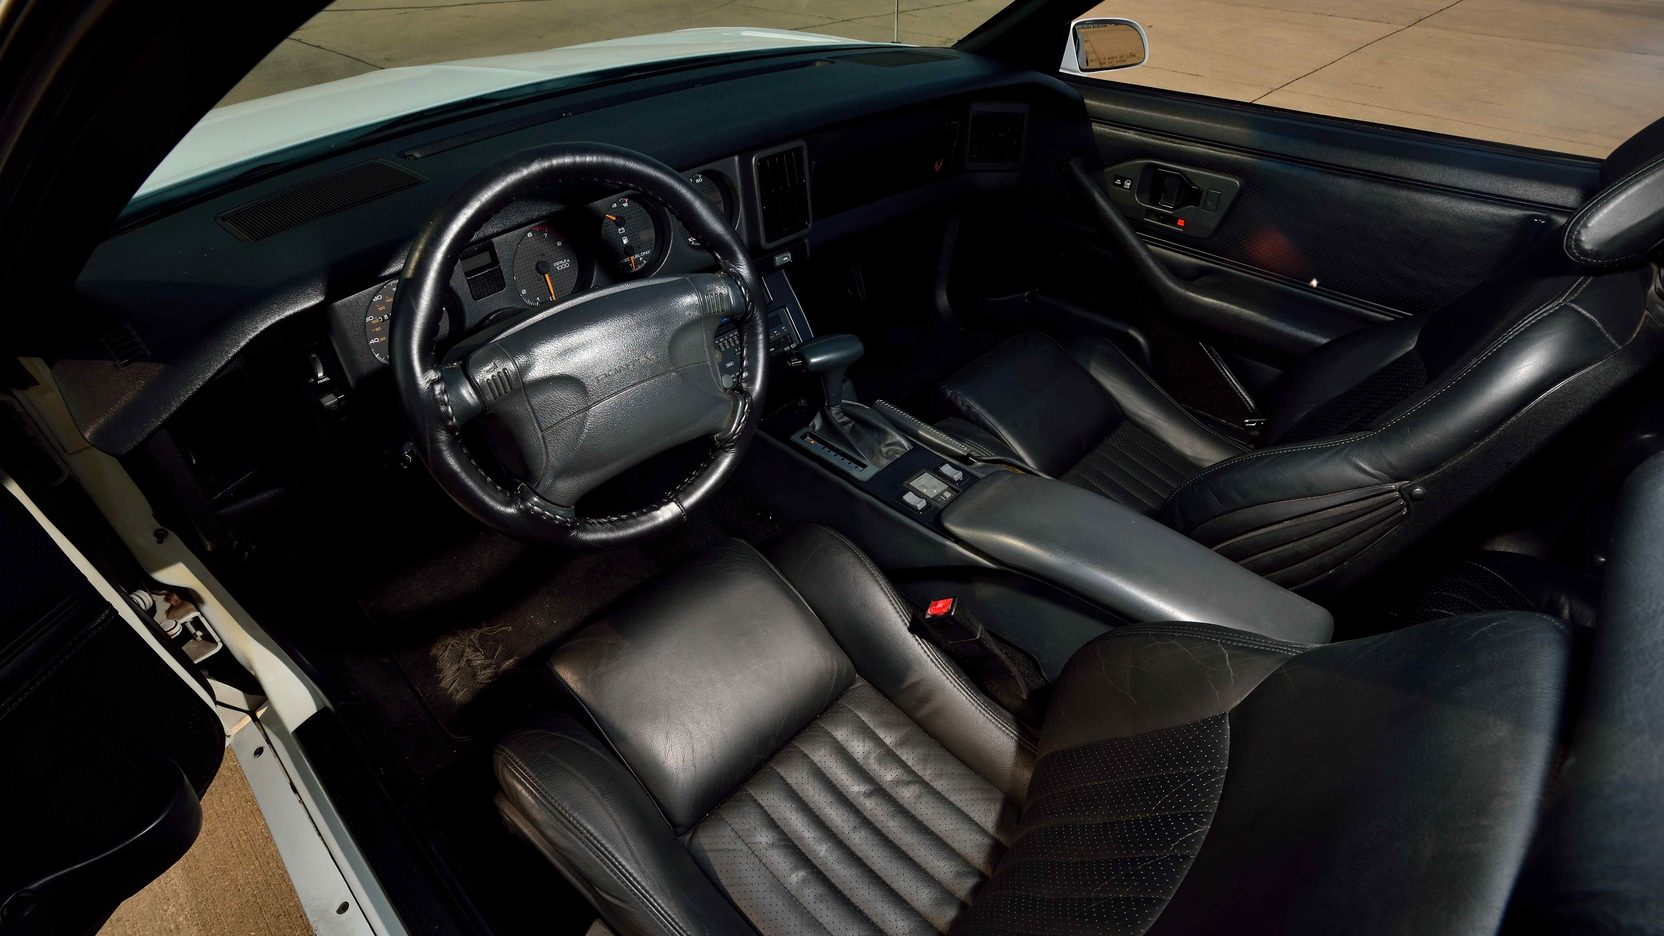 1991 Pontiac Trans Am interior